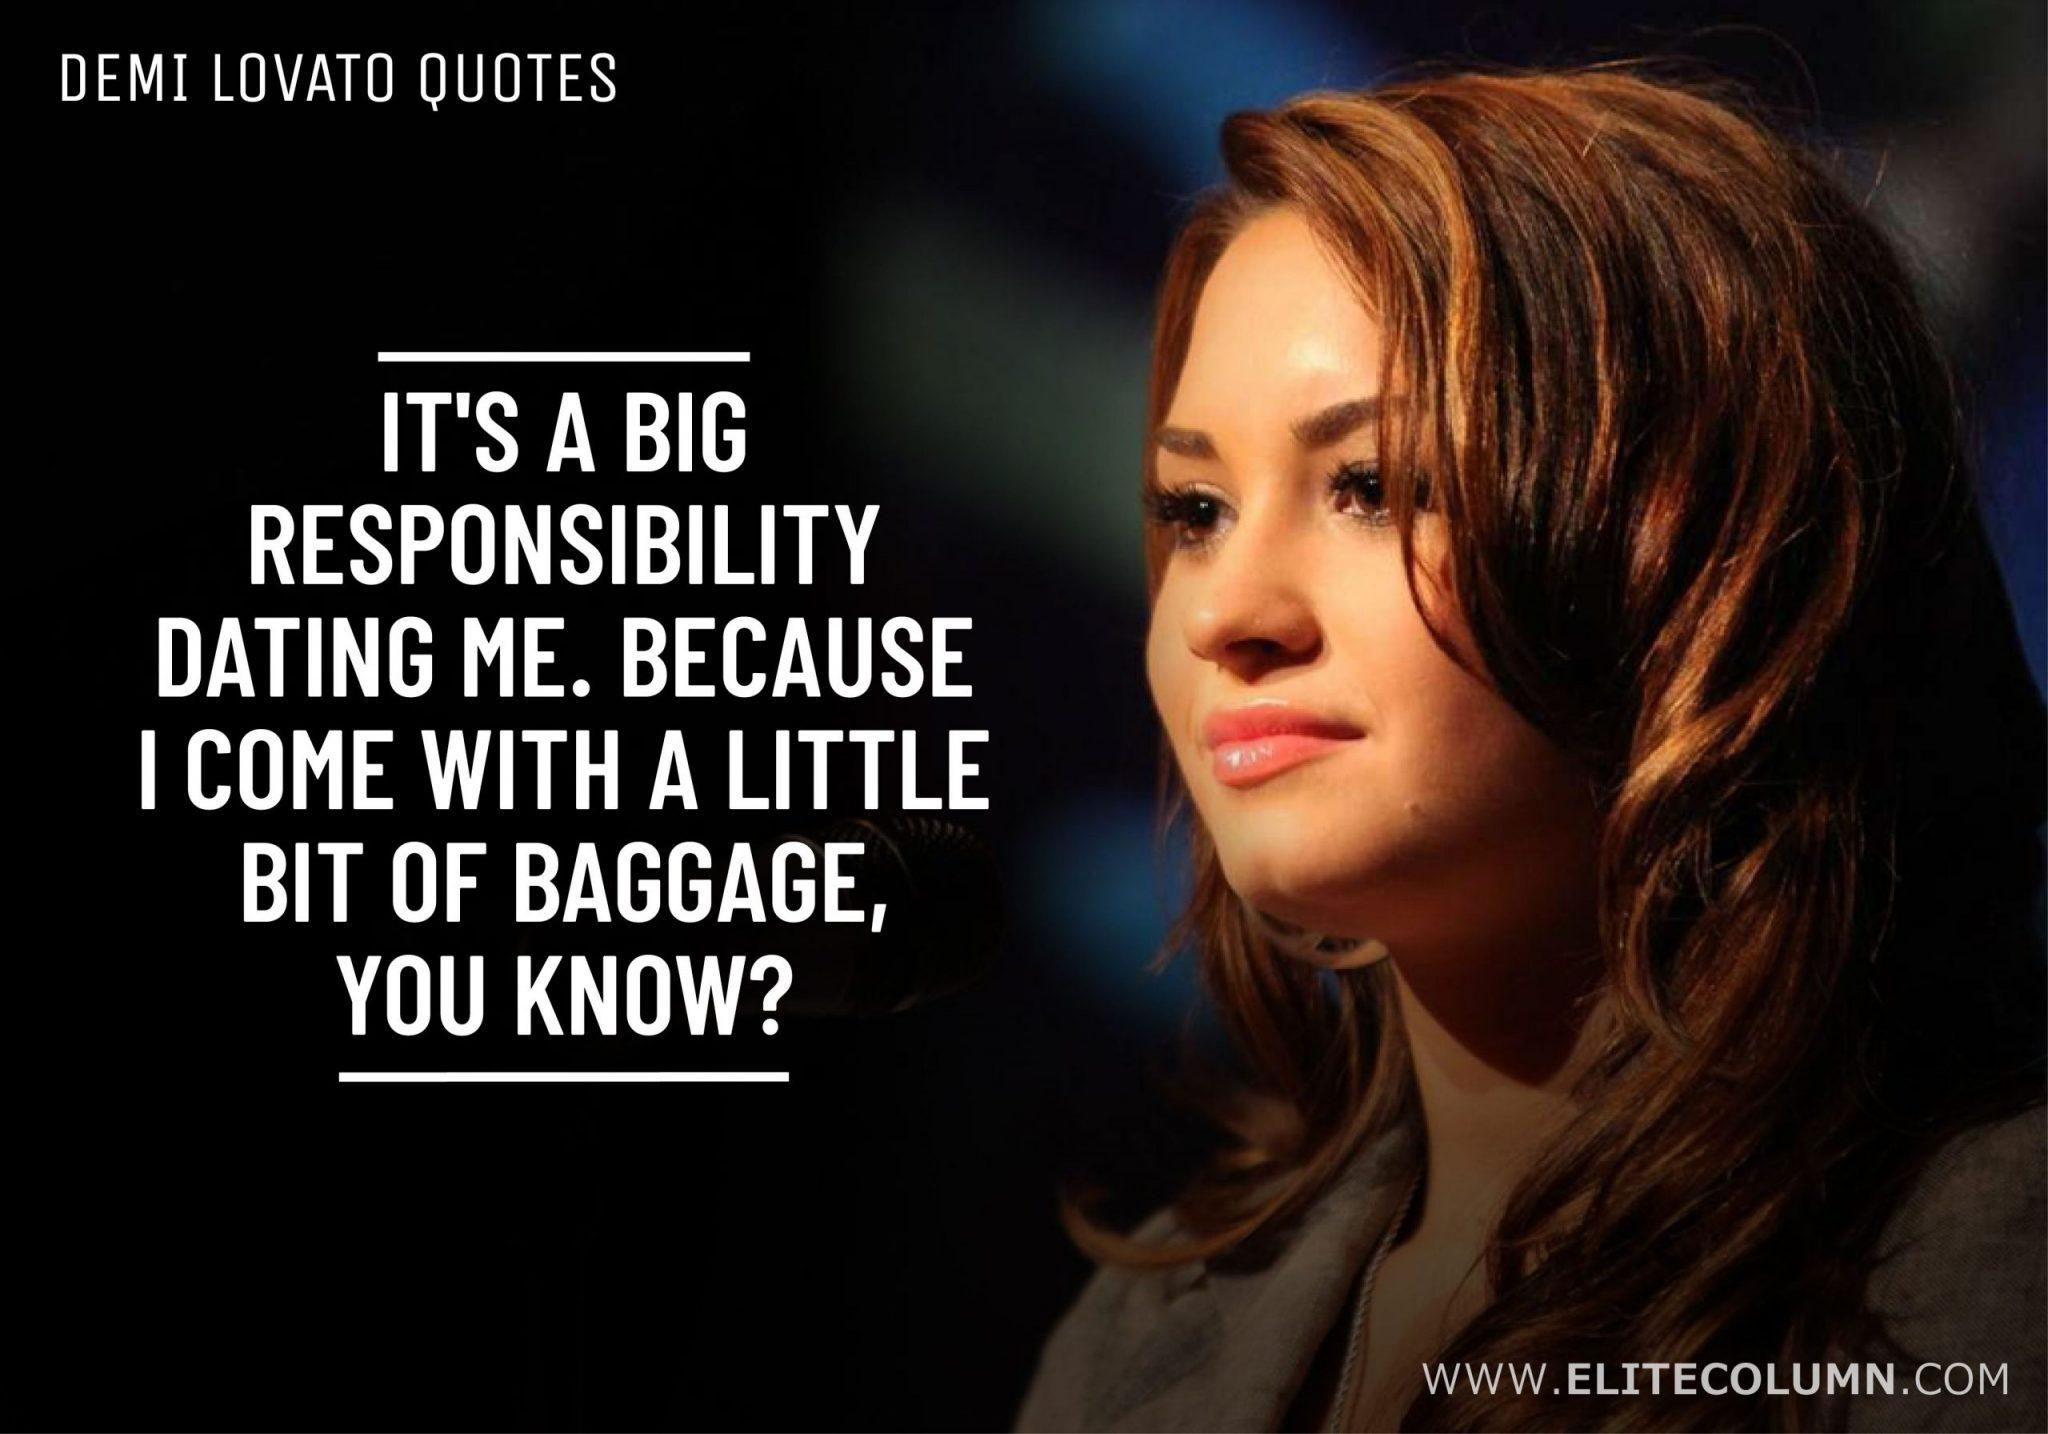 Demi Lovato Quotes (9)